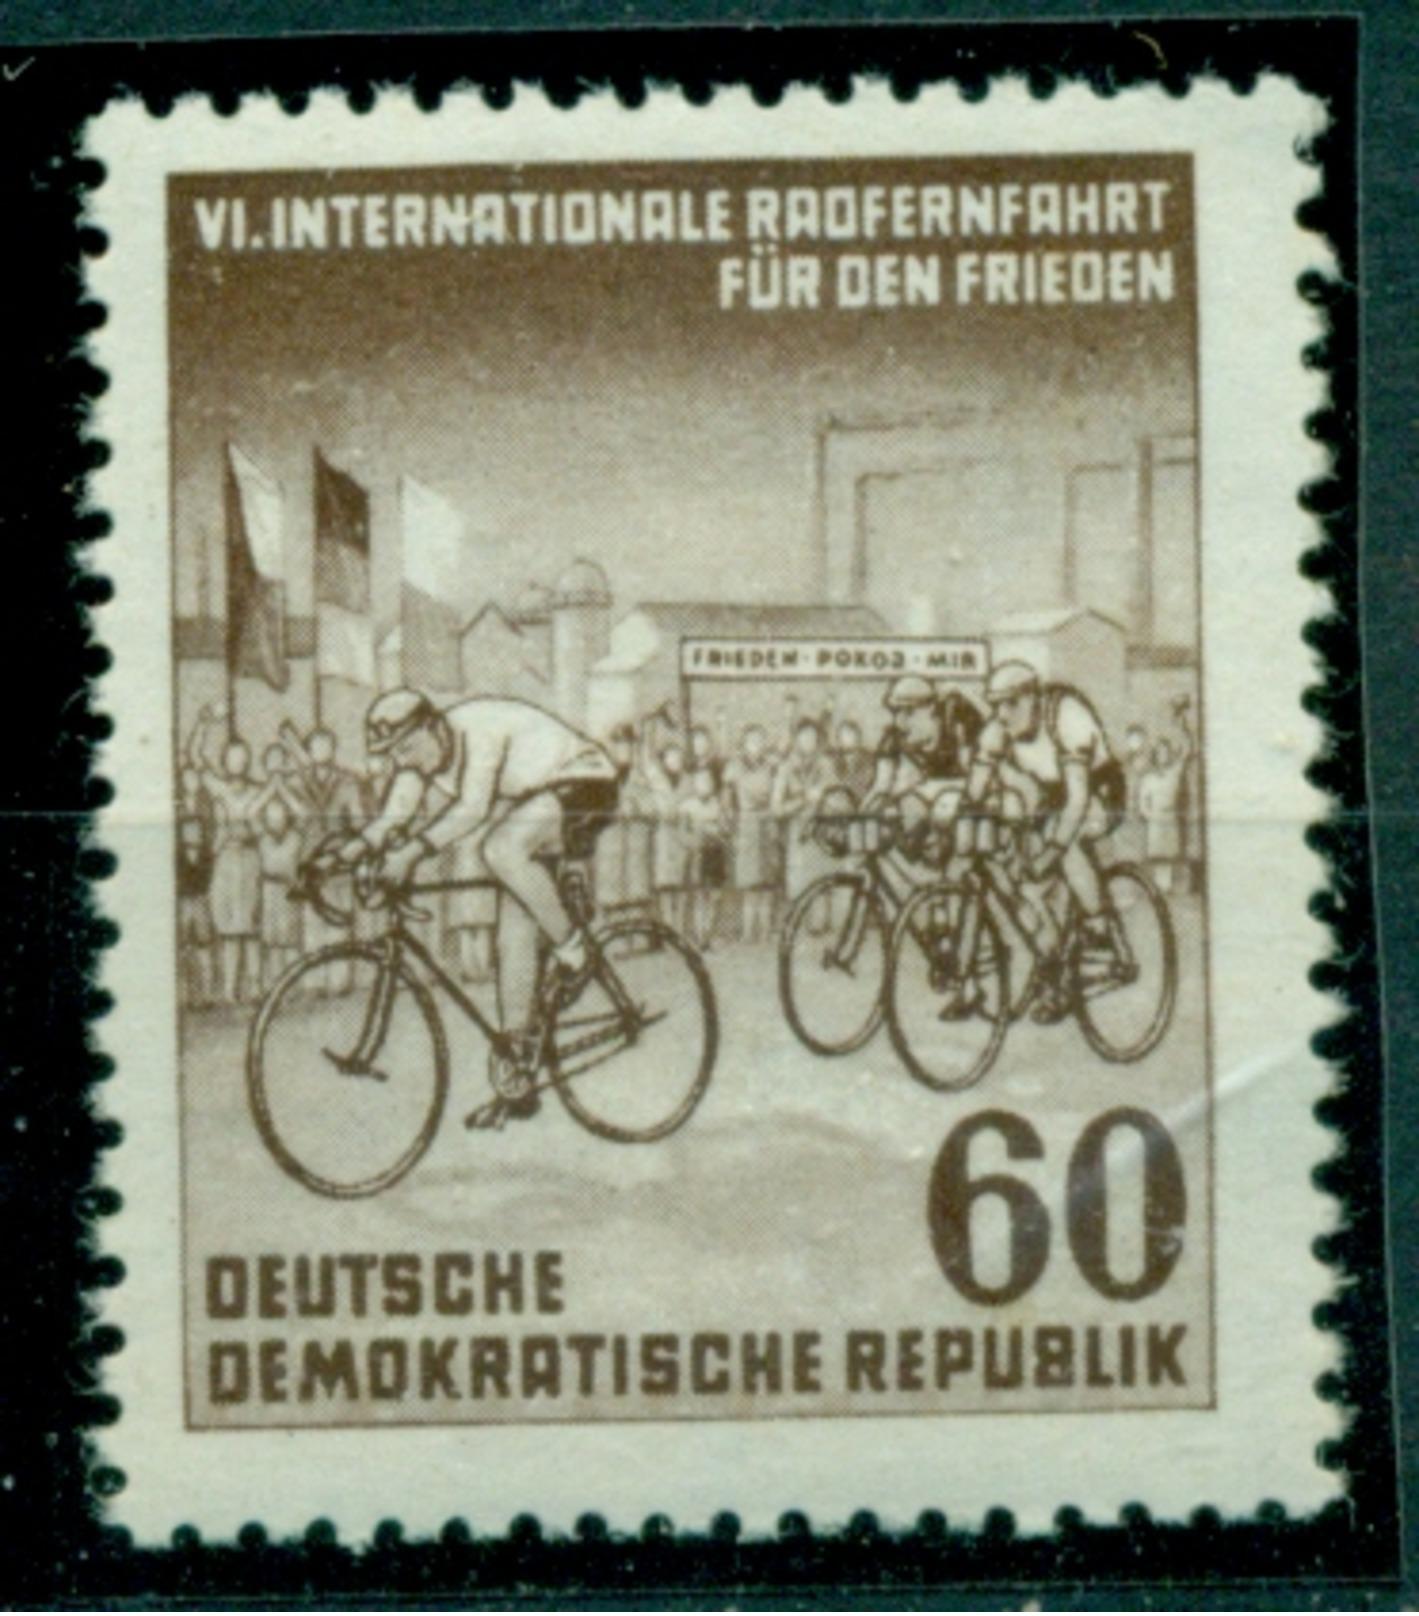 DDR. Friedensfahrt, Nr. 357 Postfrisch ** PF I Geprüft BPP - Ungebraucht